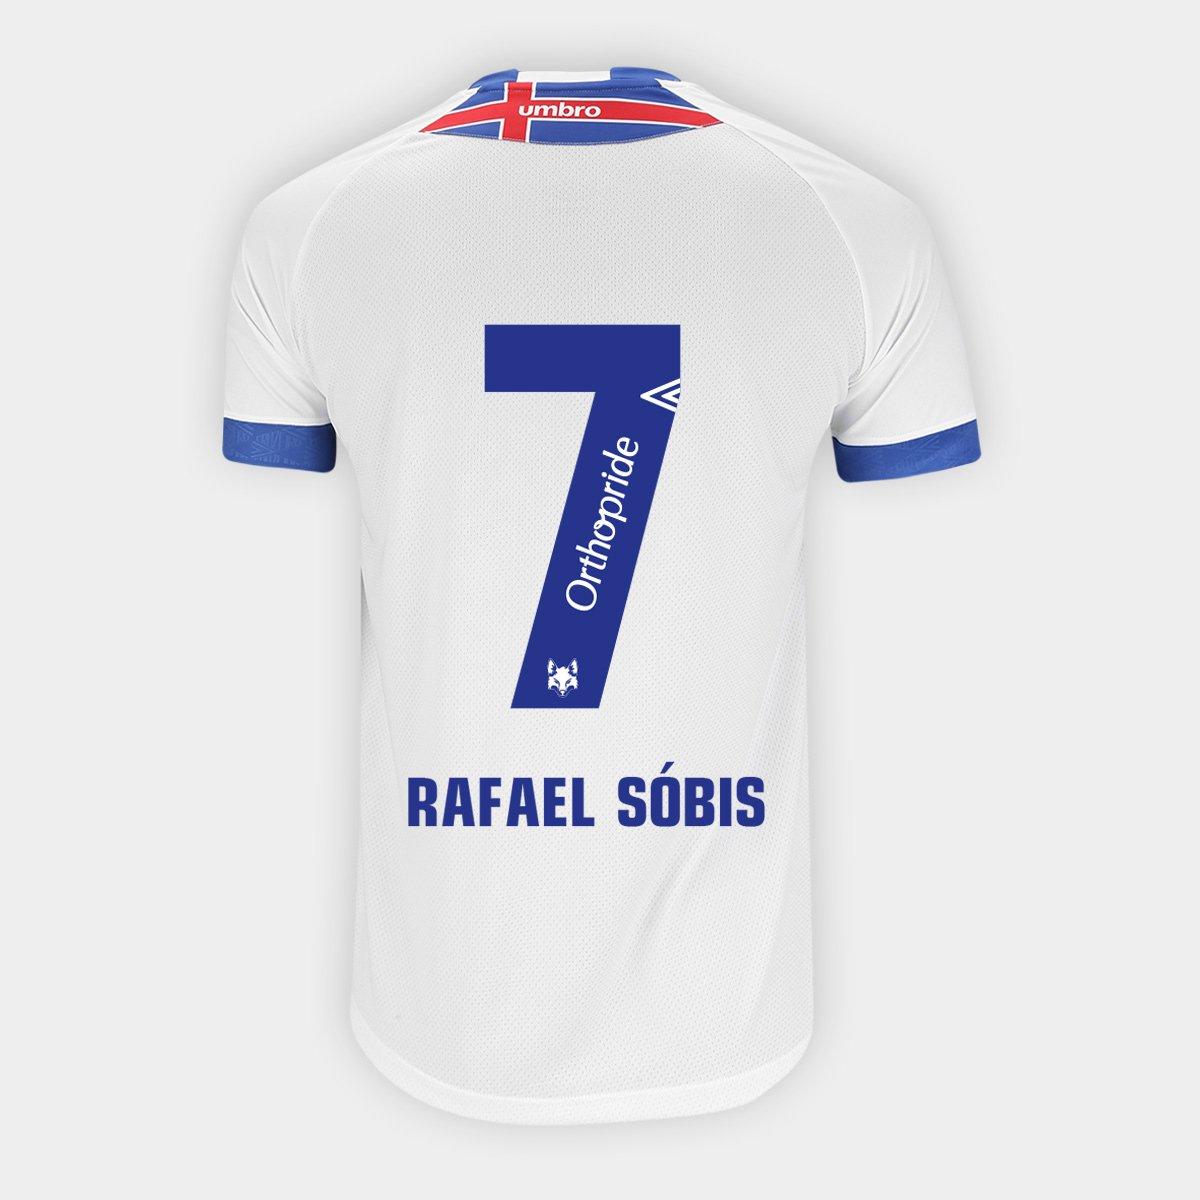 Camisa Cruzeiro II 2018 N° 7 Rafael Sóbis - Torcedor Umbro Masculina -  Compre Agora  cd282868034a4